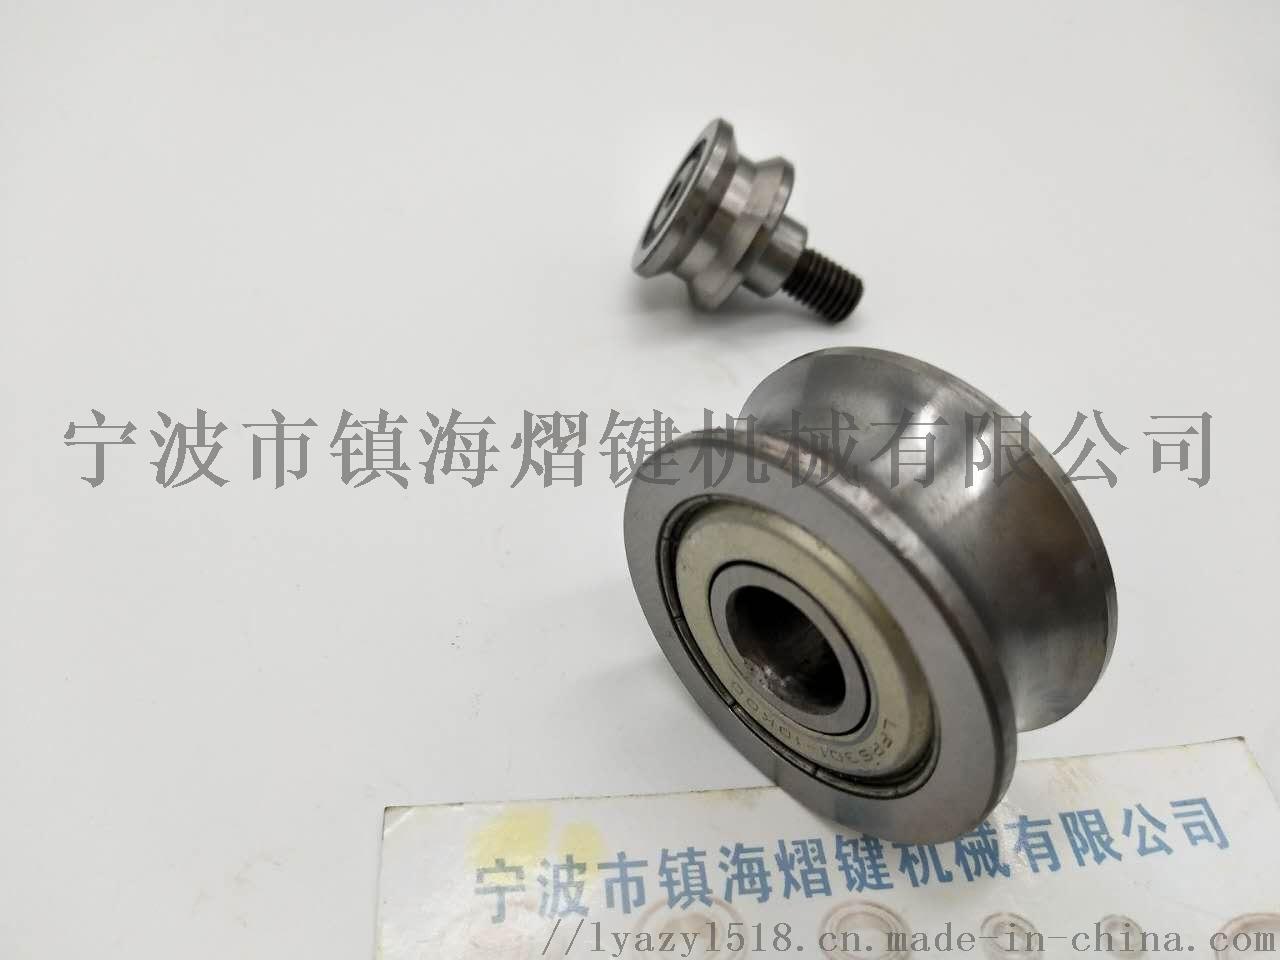 专业生产非标轴承LFFFR508NPP769080822